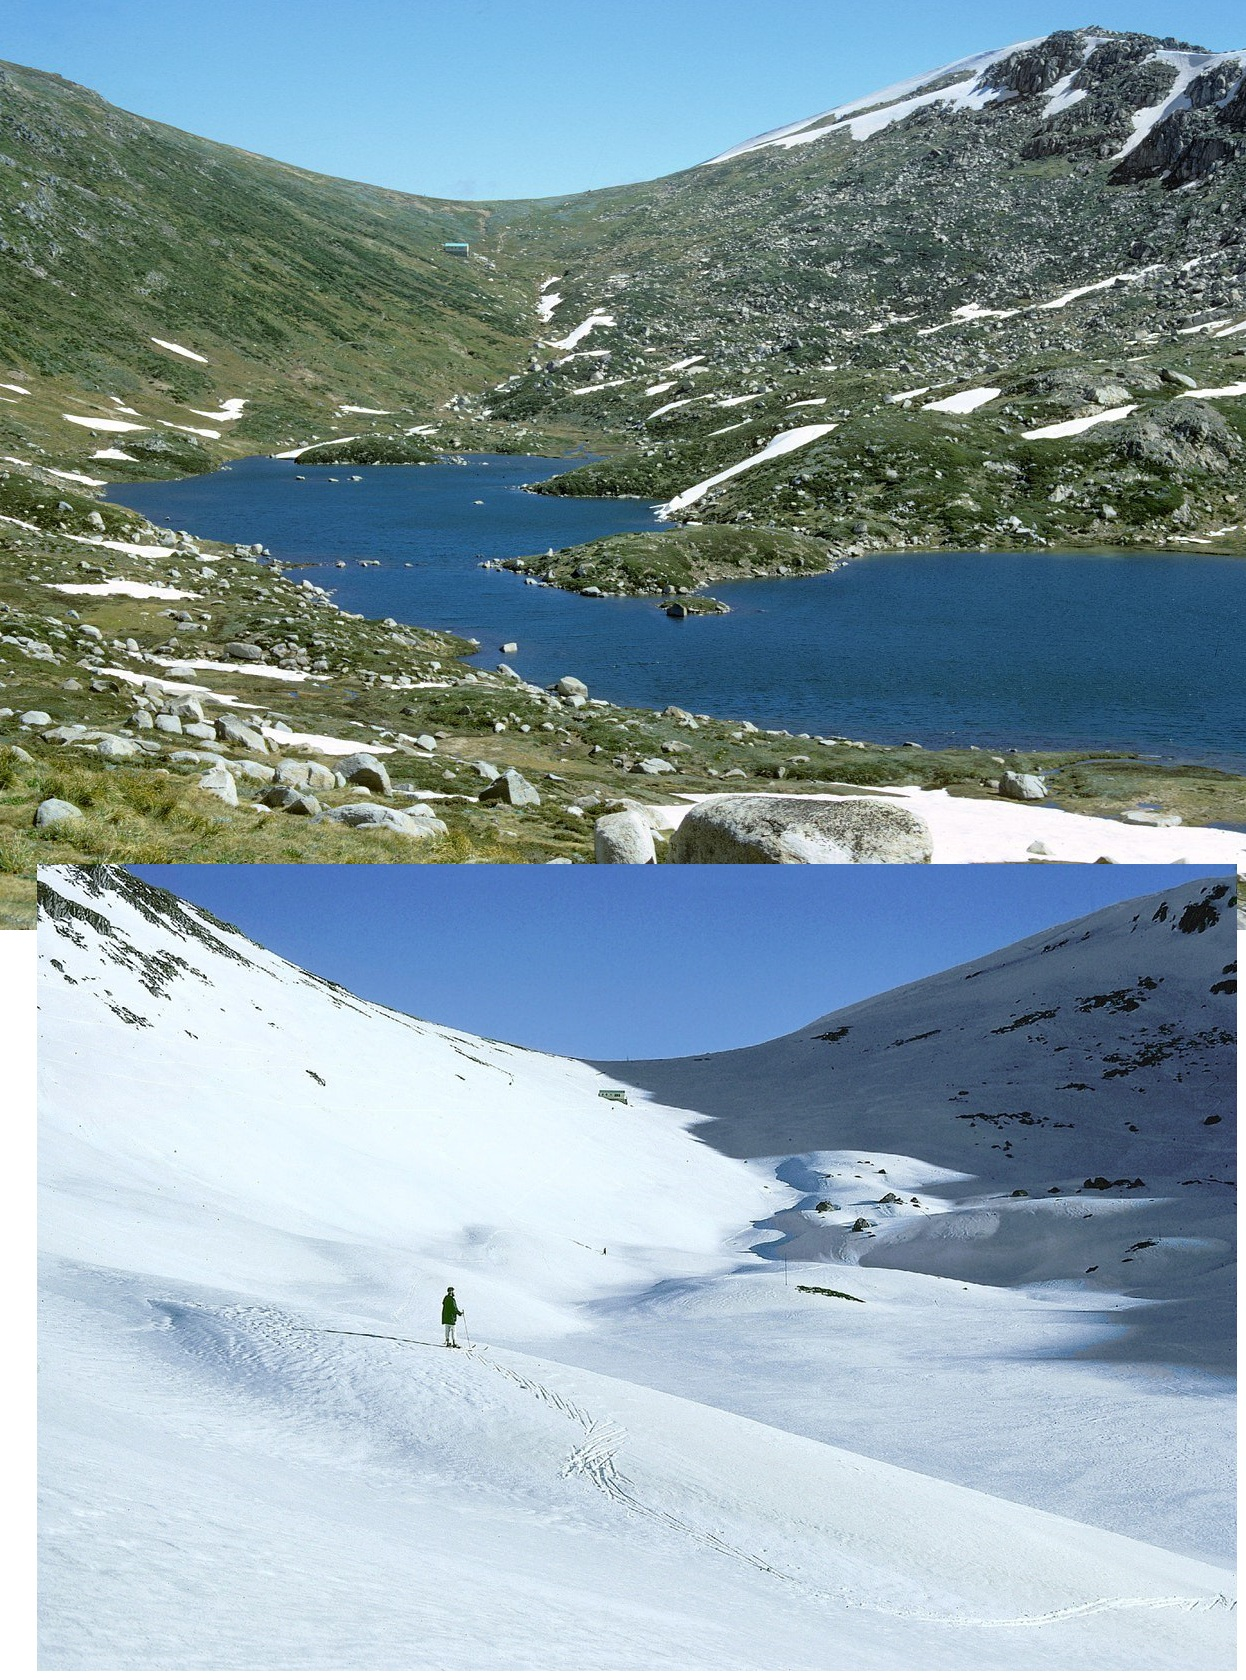 albina w compare  snow.jpg